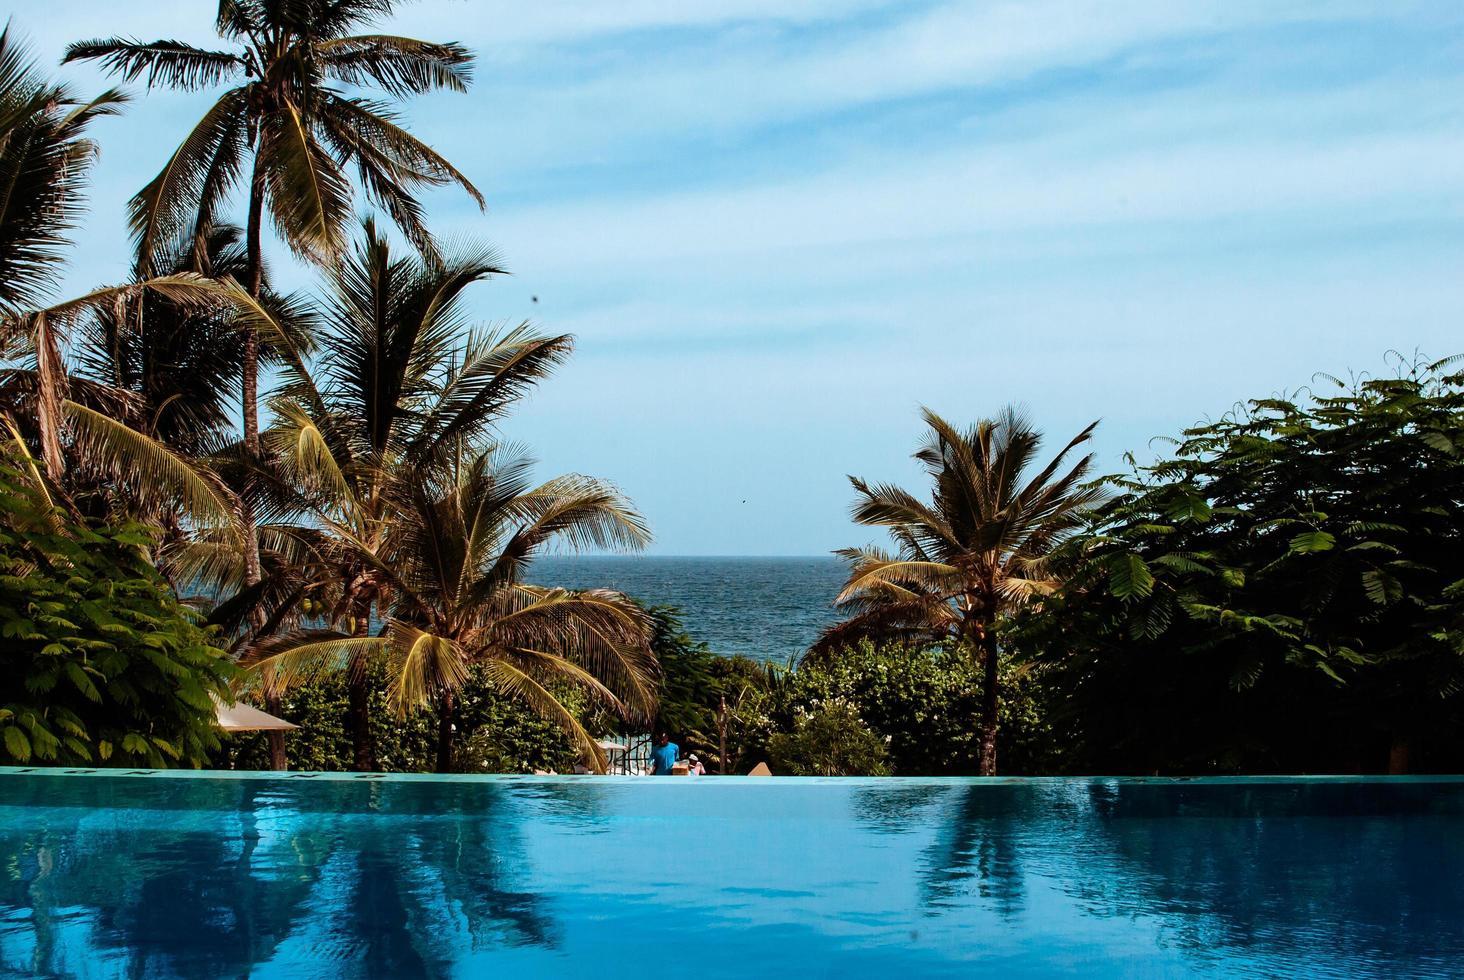 Resort Schwimmbad und Palmen foto